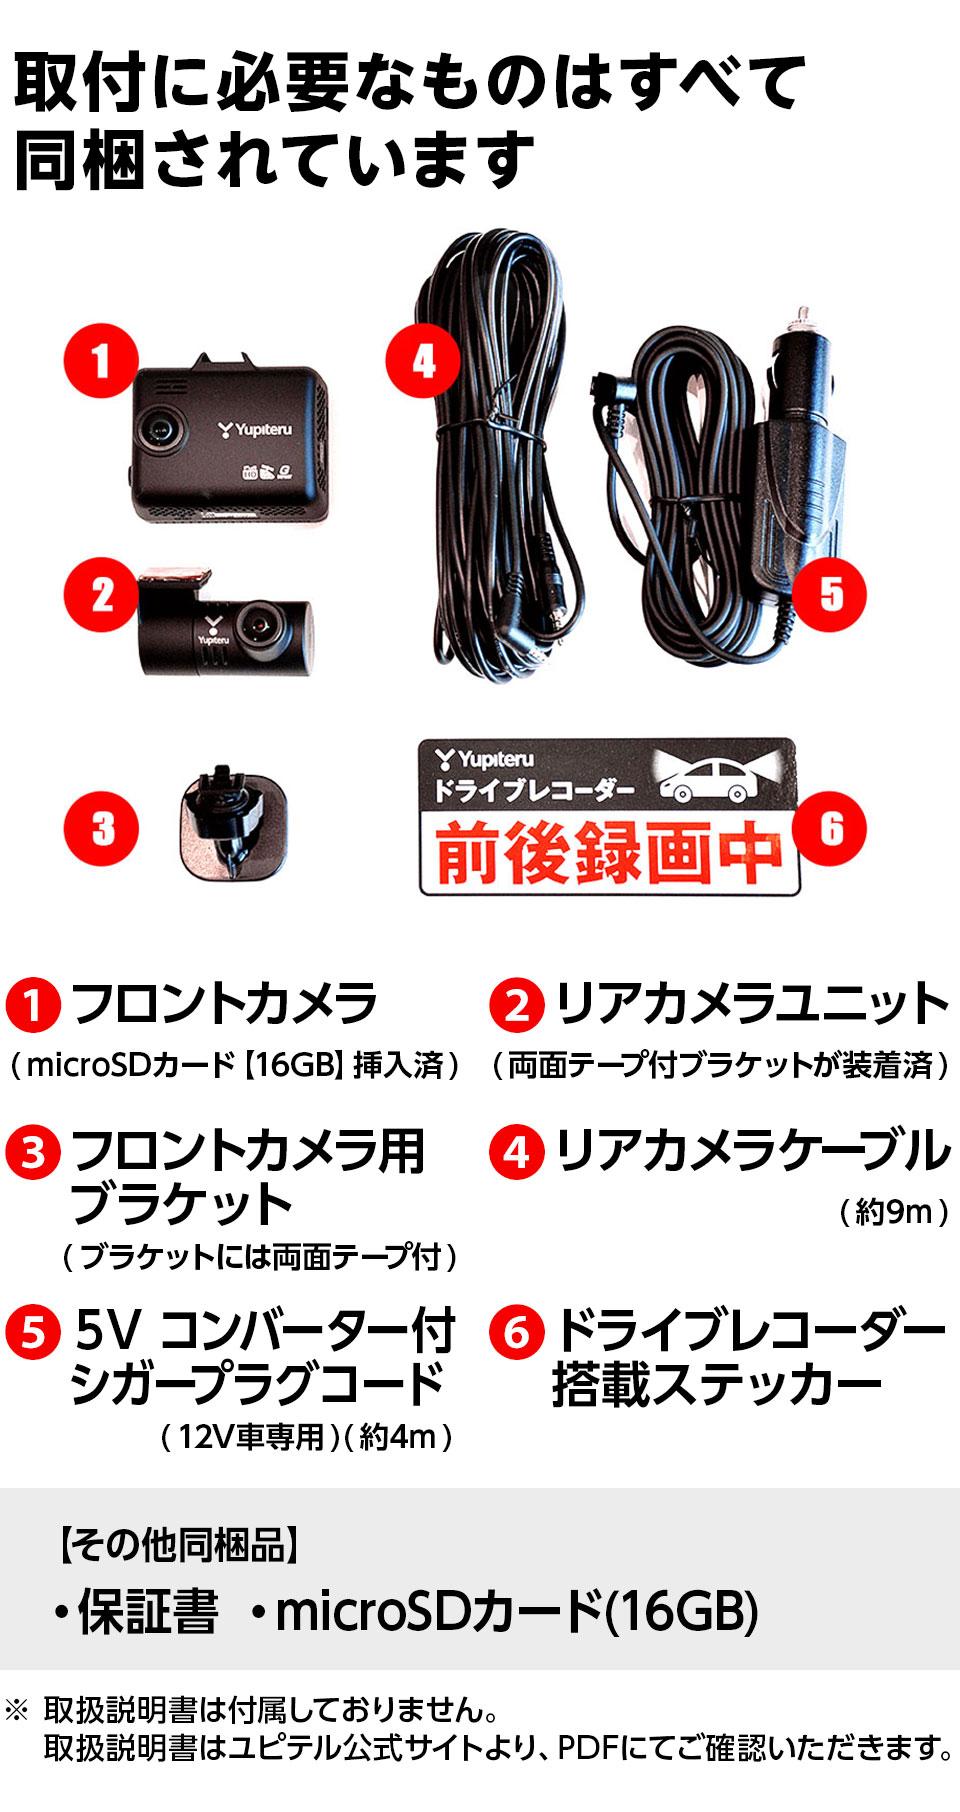 簡易パッケージでも必要なものはすべて同梱されています Y-300c